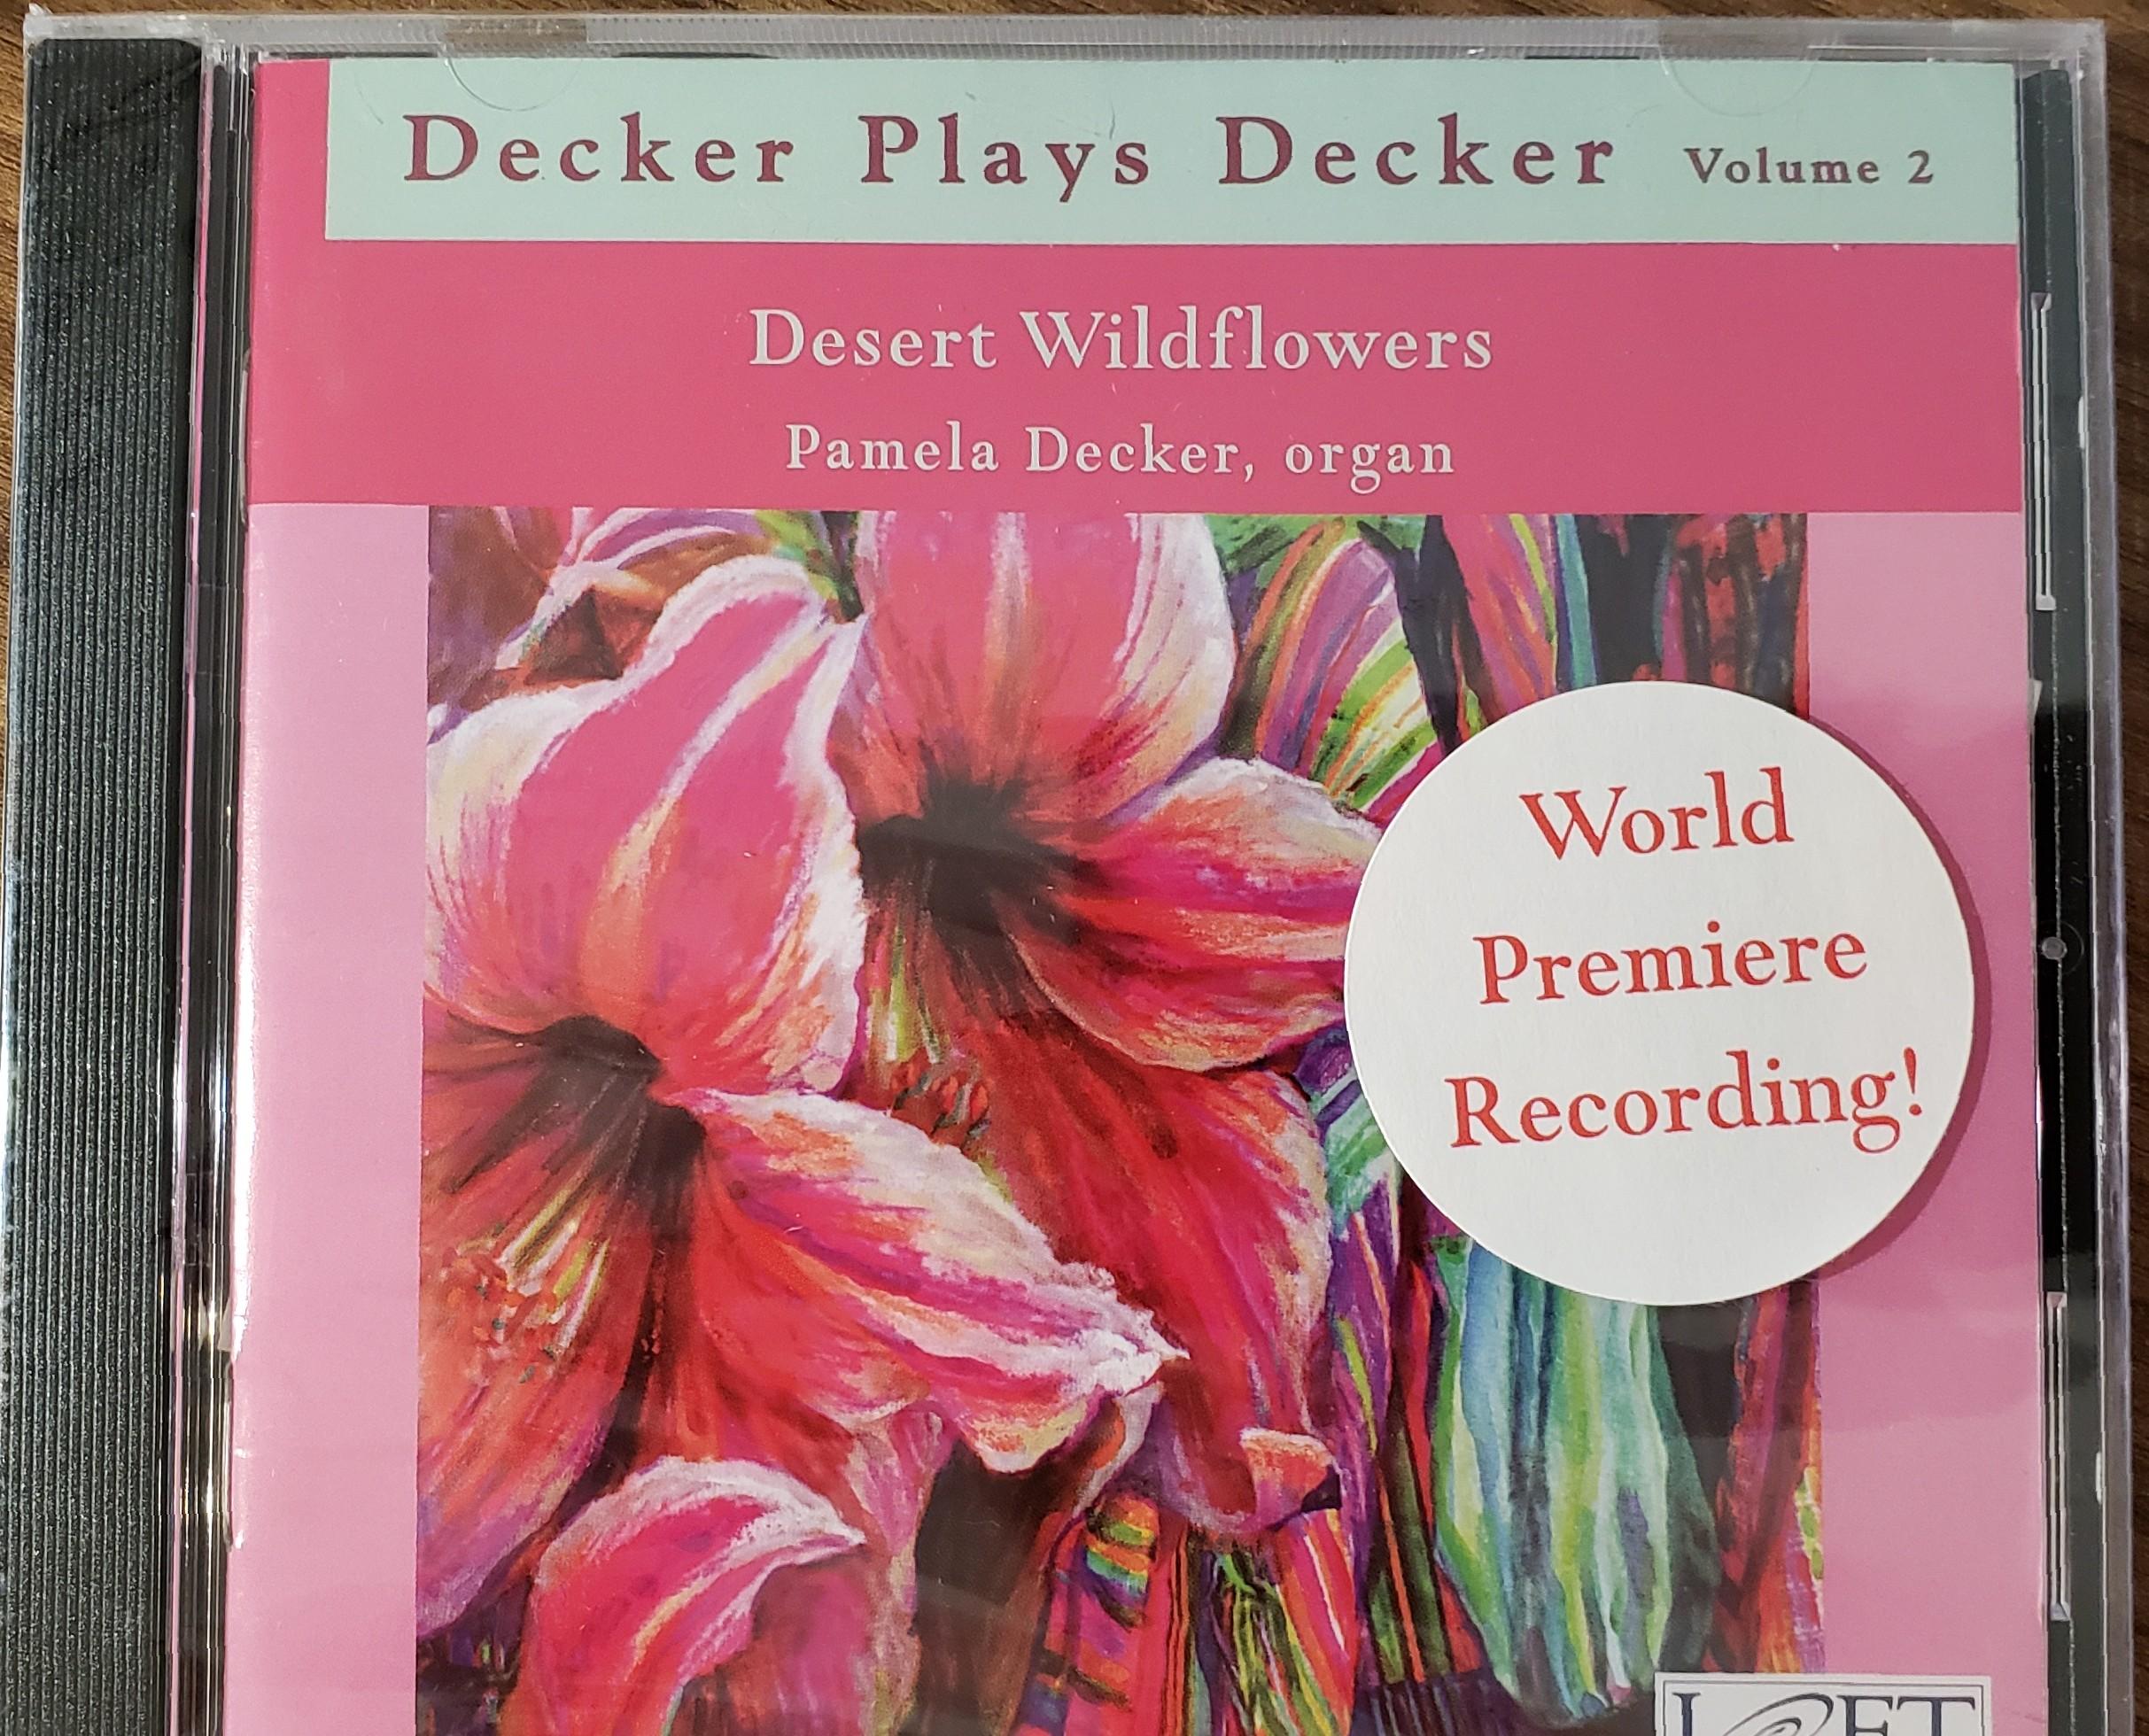 Decker Plays Decker, Volume 2